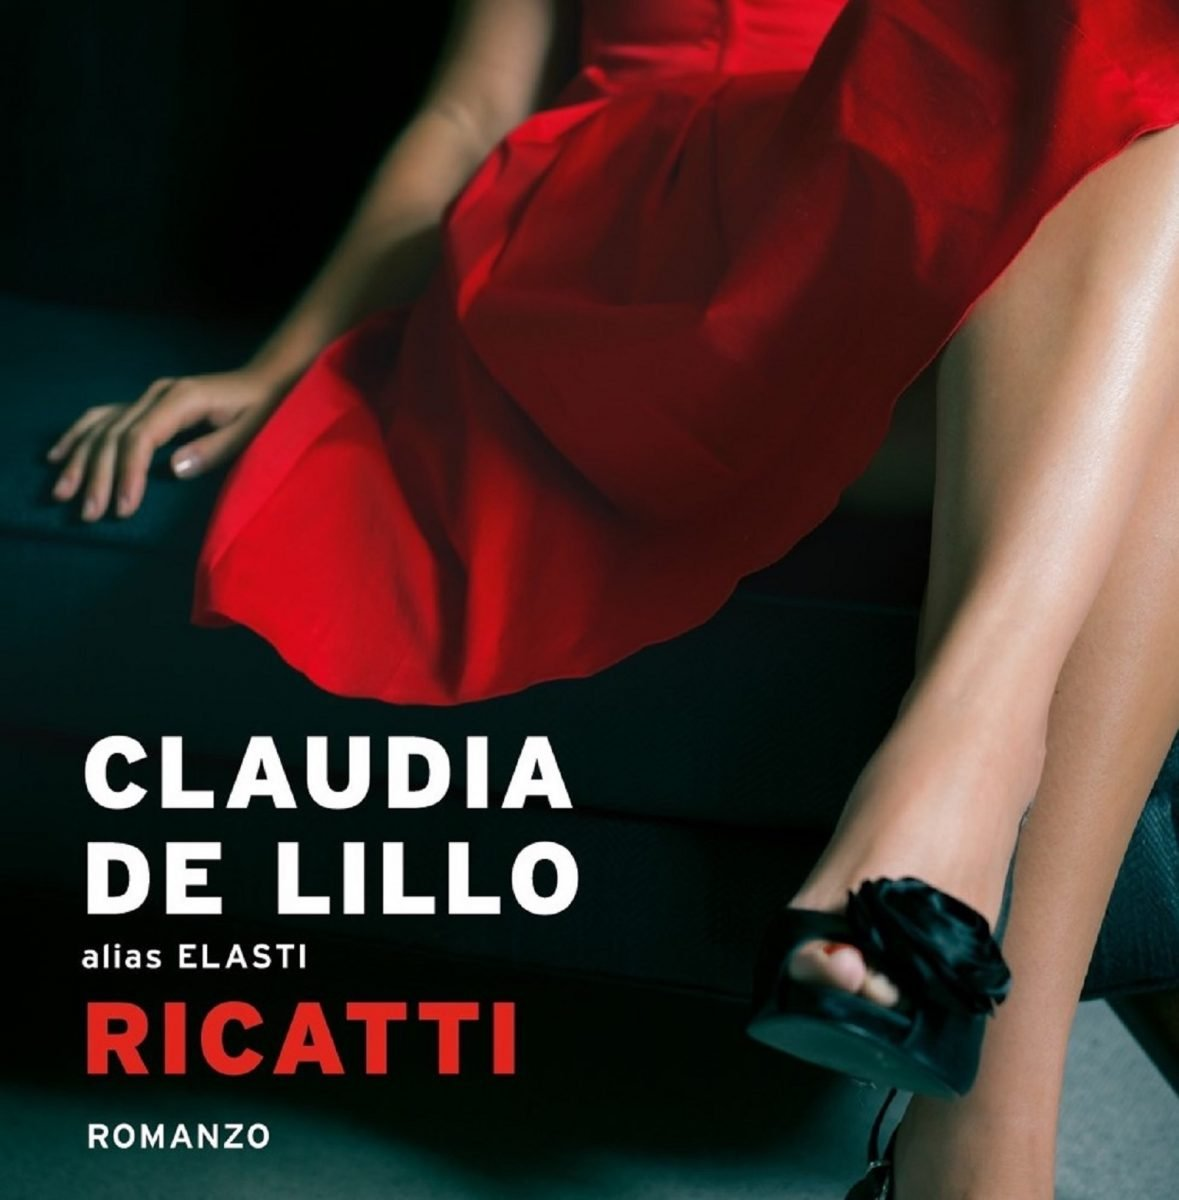 ricatti Claudia de Lillo